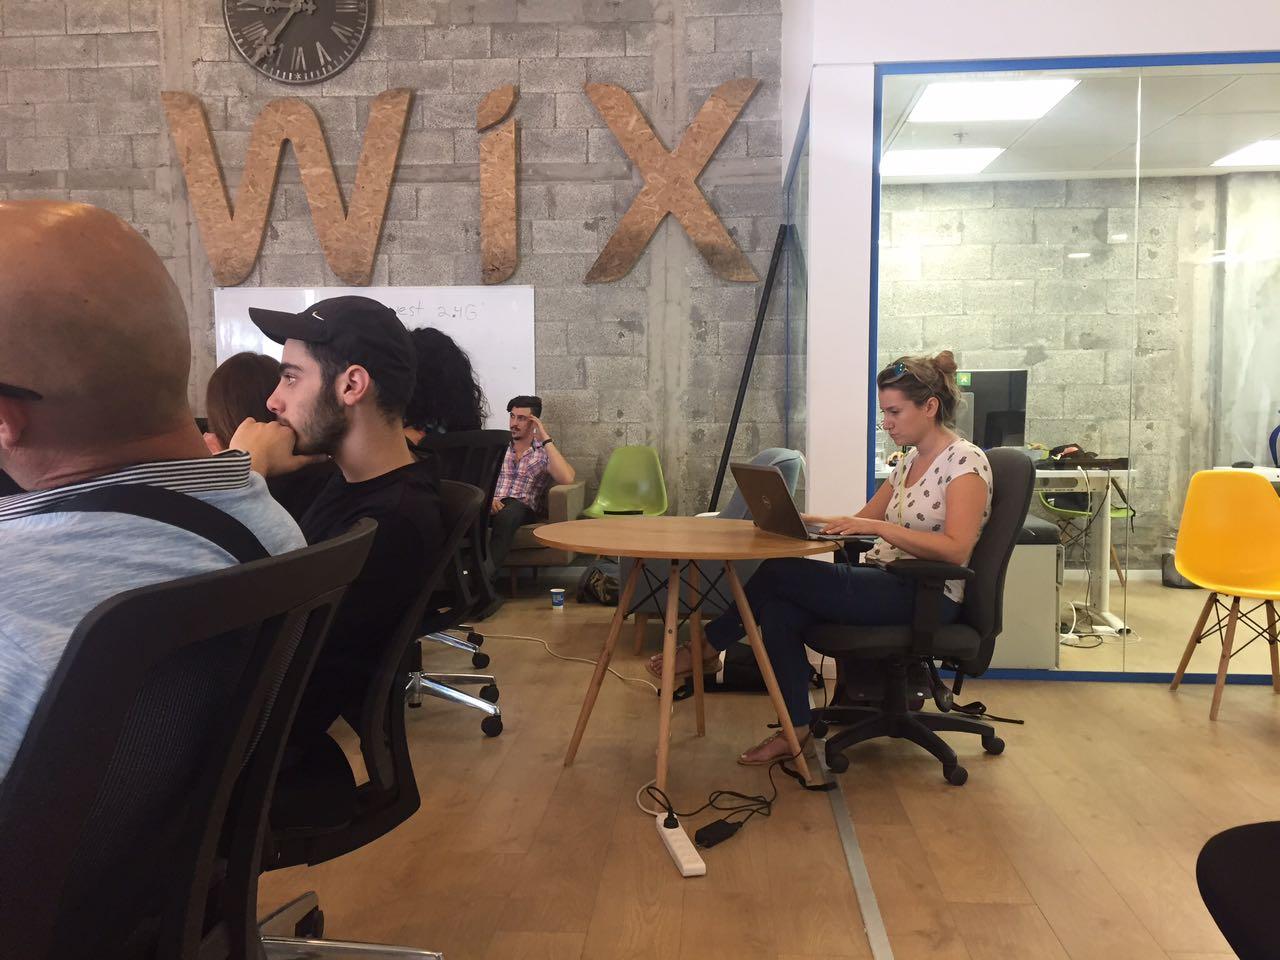 מנהל עסקים - סיור בנמל תל אביב ואירוח ב WIX